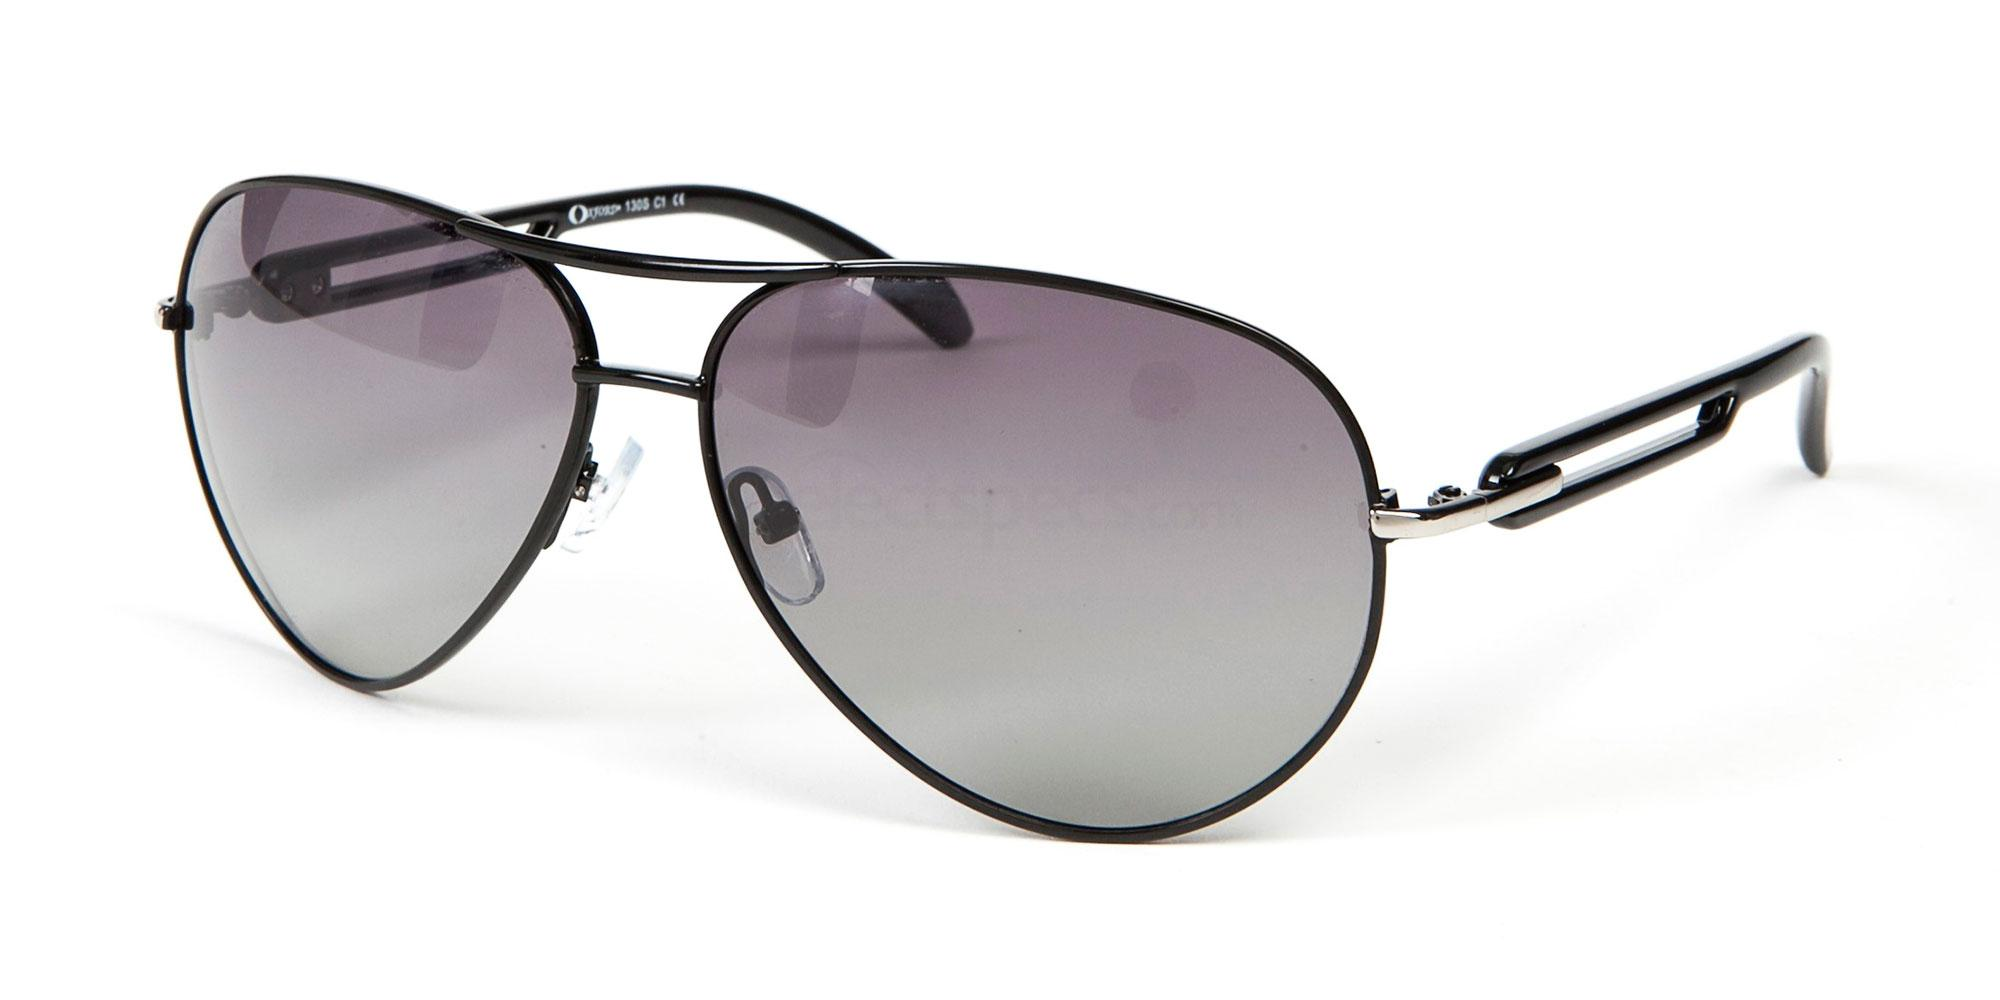 C1 130S Sunglasses, Oxford